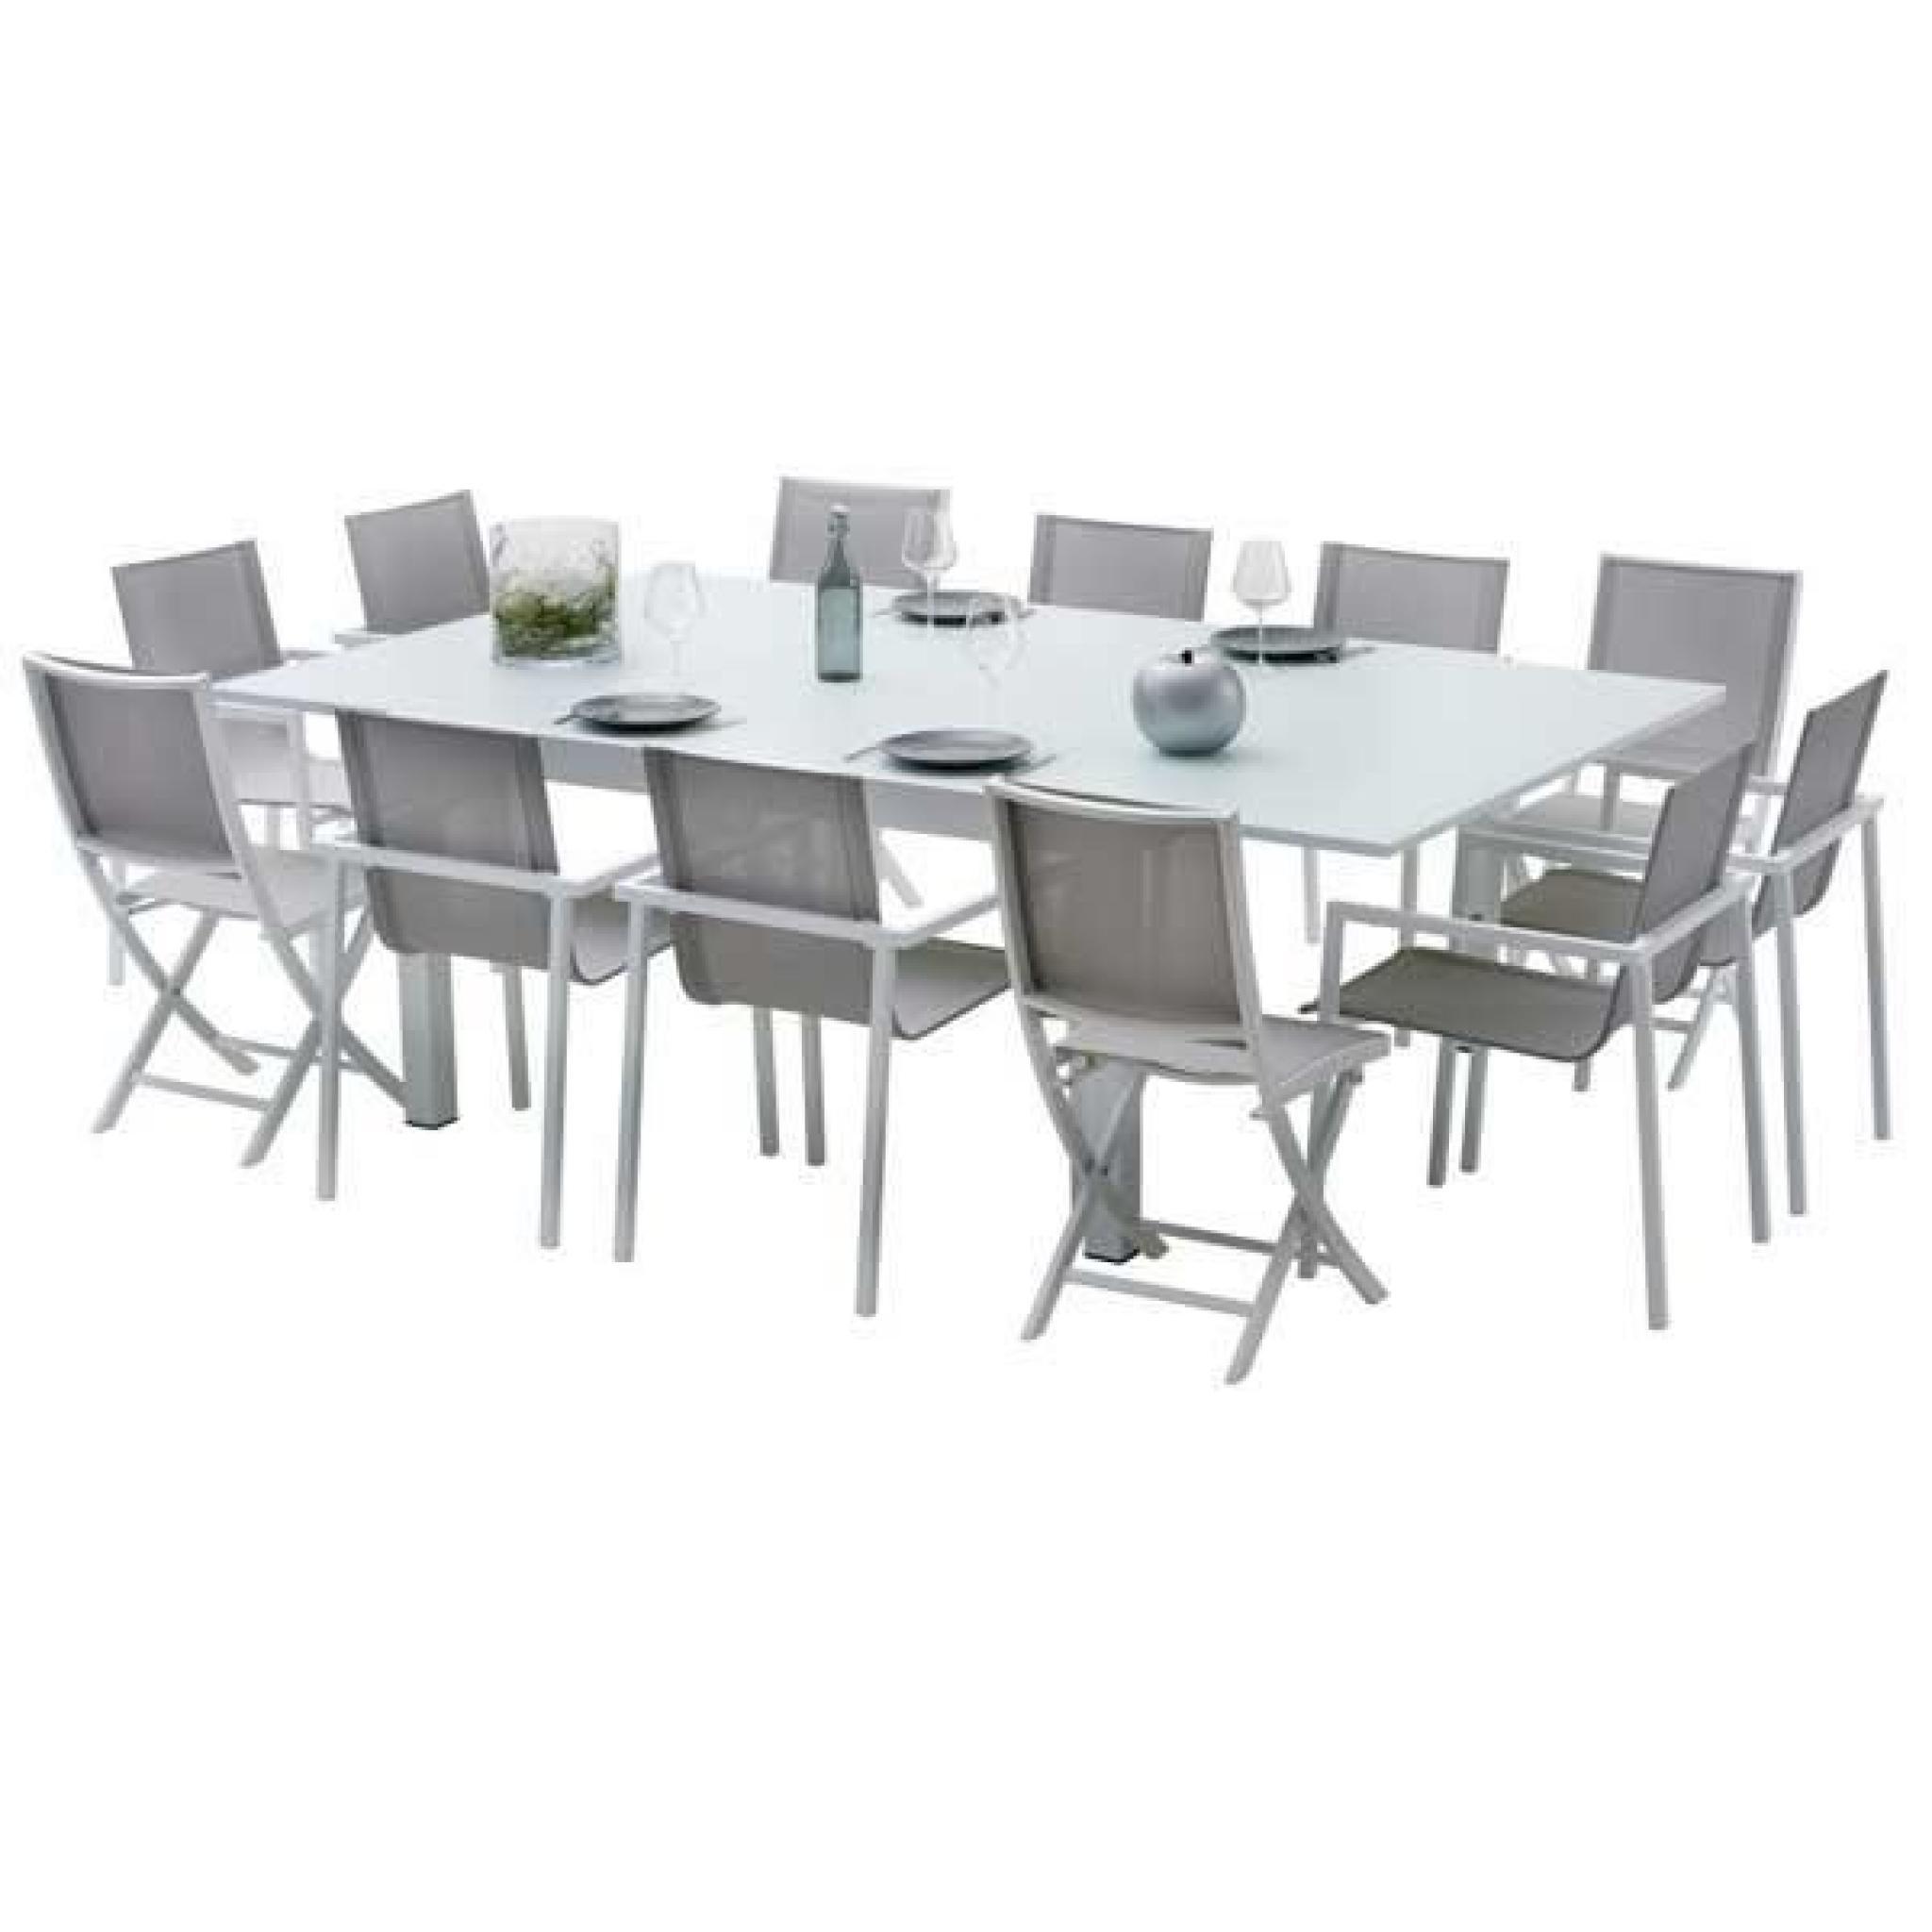 Ensemble Table Et Chaises De Jardin Extensibles Carre Whitestar 8 Places encequiconcerne Table Et Chaises De Jardin Pas Cher